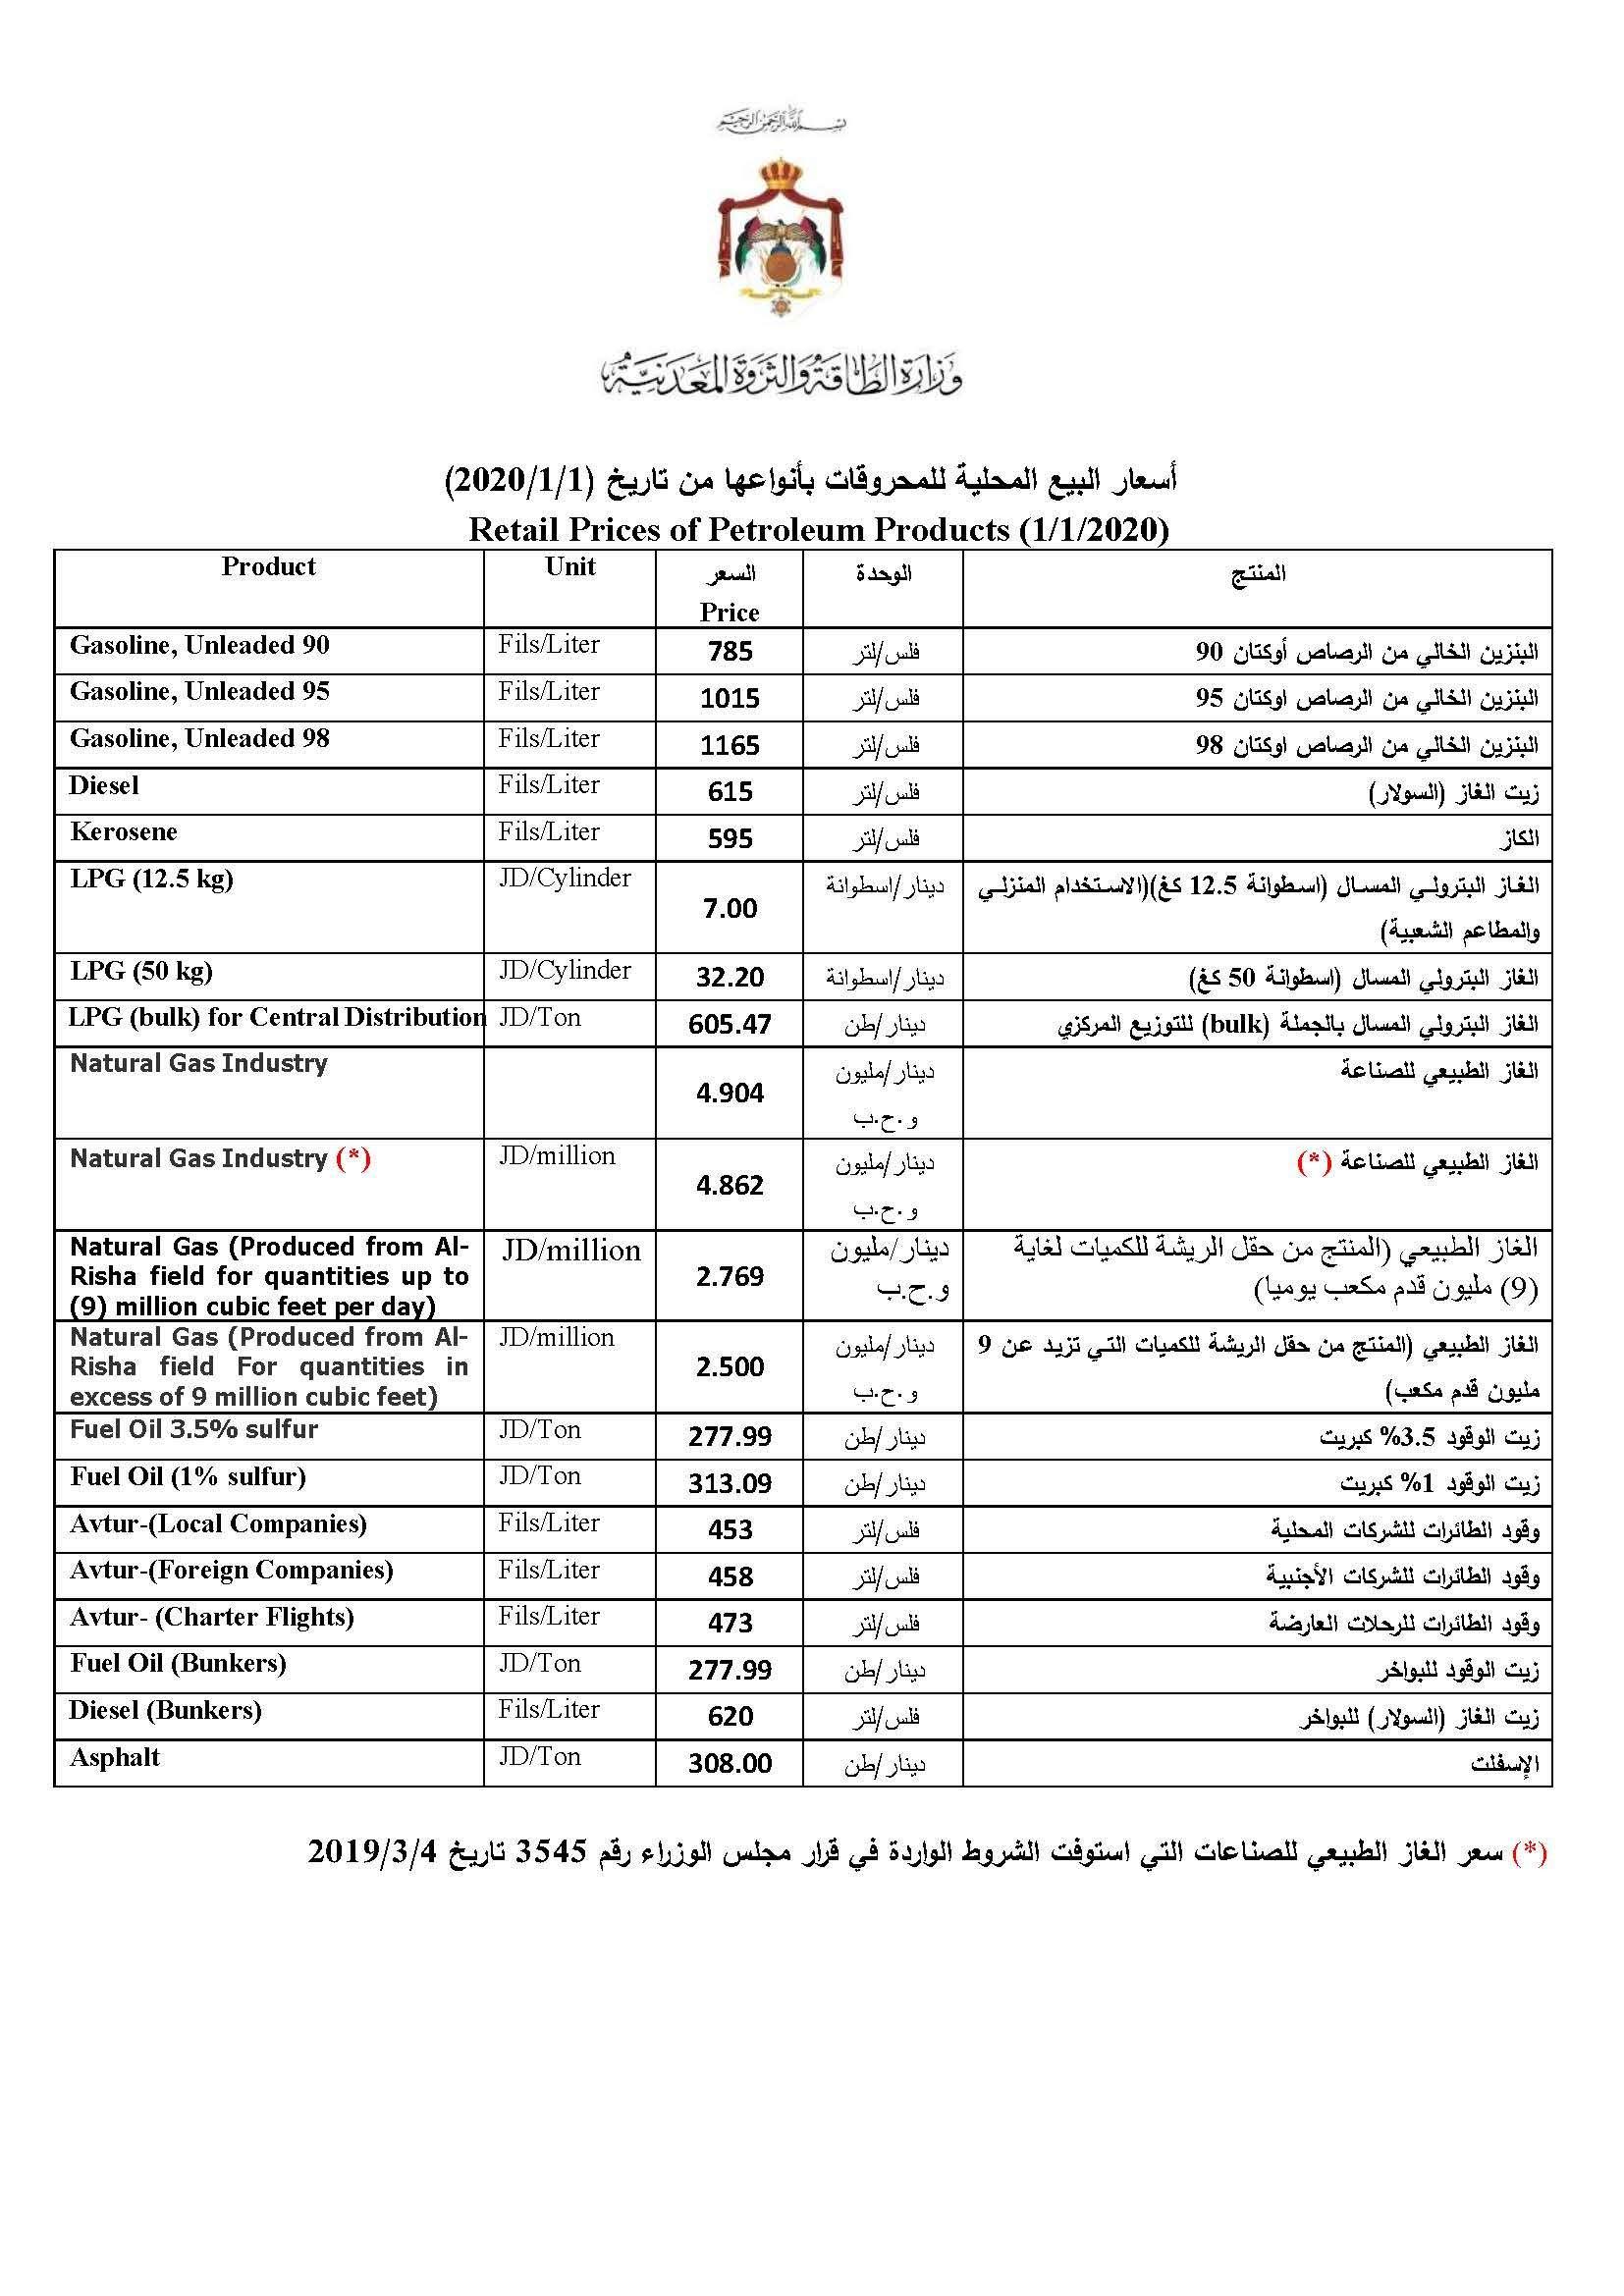 سعر البنزين 2020 في الأردن - اليمن الغد